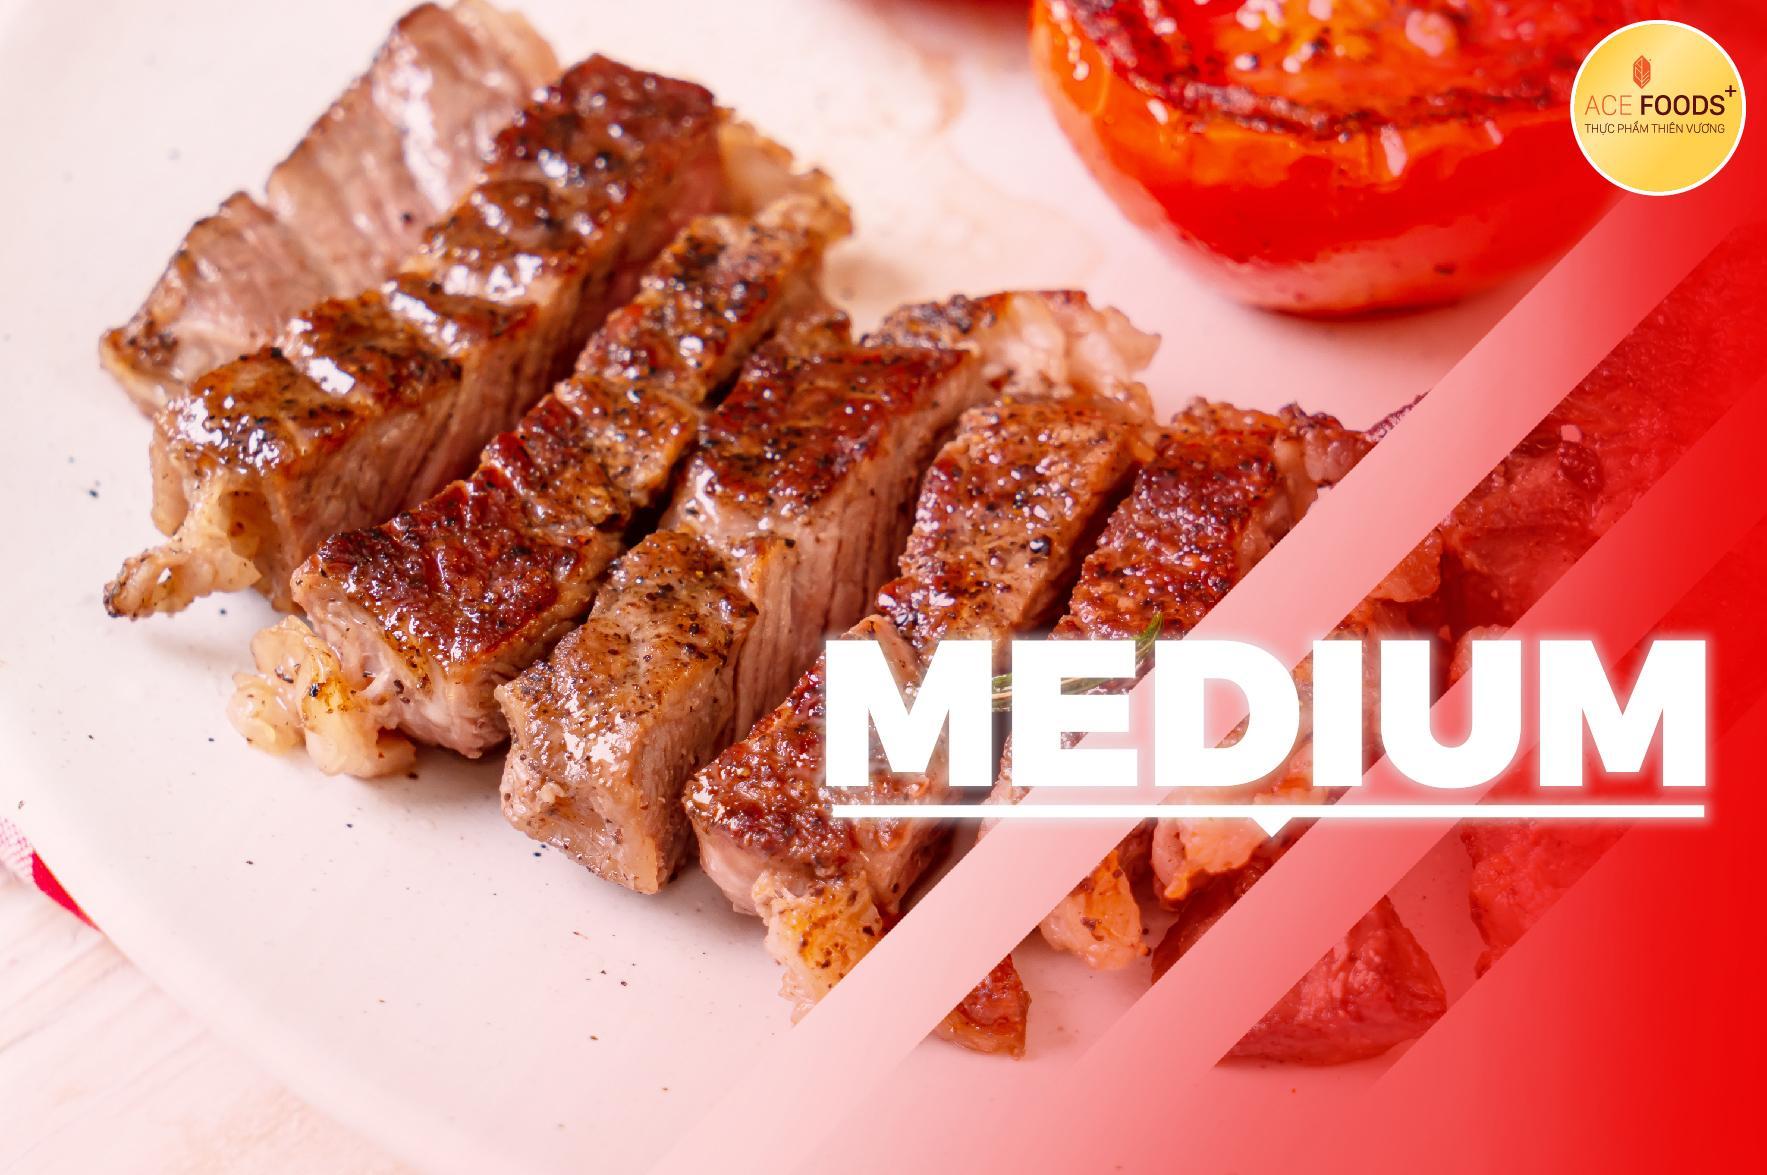 Medium là mức độ chín phù hợp cho người mới lần đầu ăn beefsteak